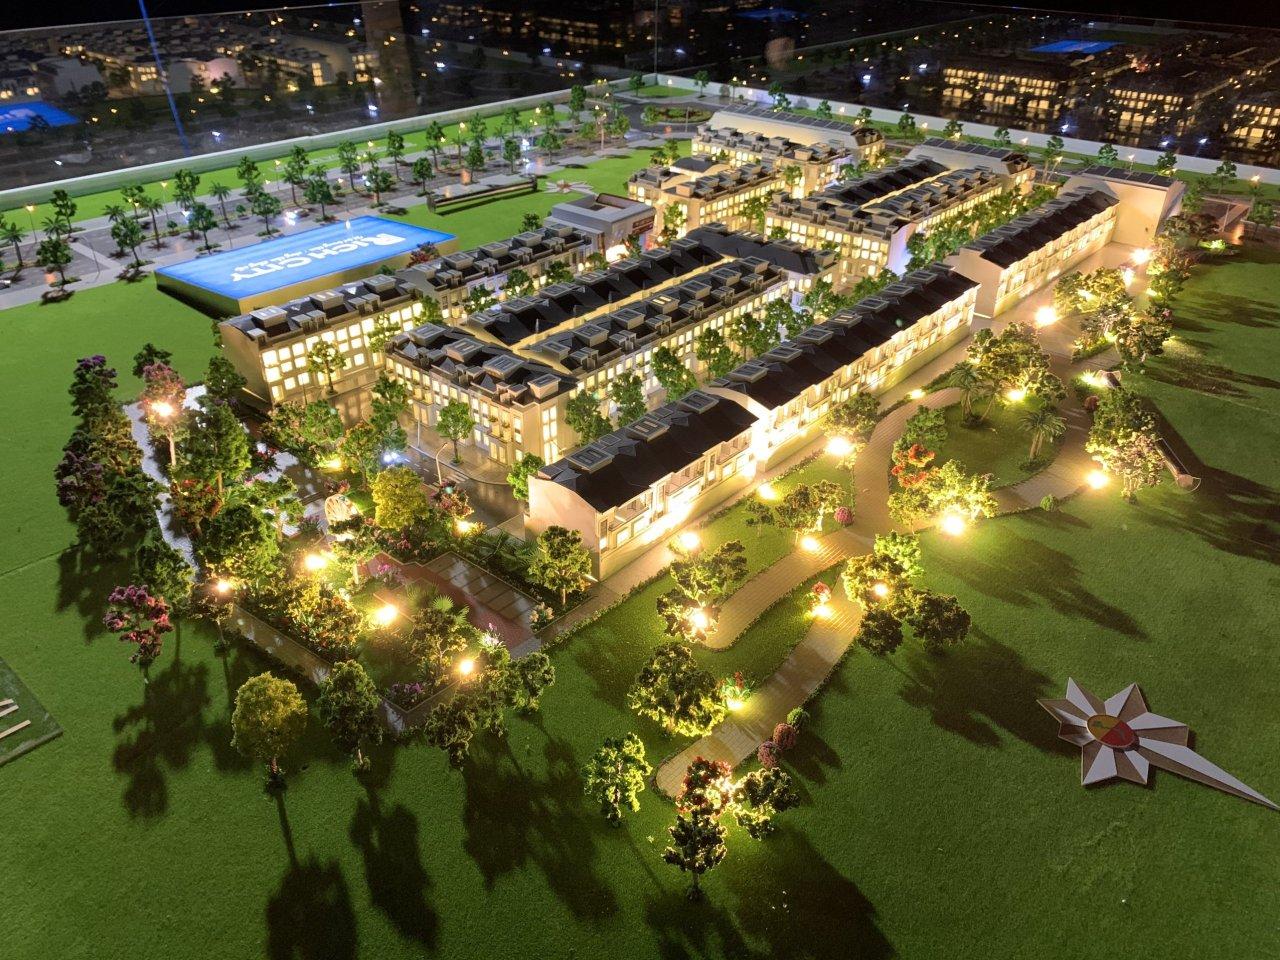 Đất 120m2 giá 795tr , shr, thành phố sân bay Long Thành, lh 0901043863